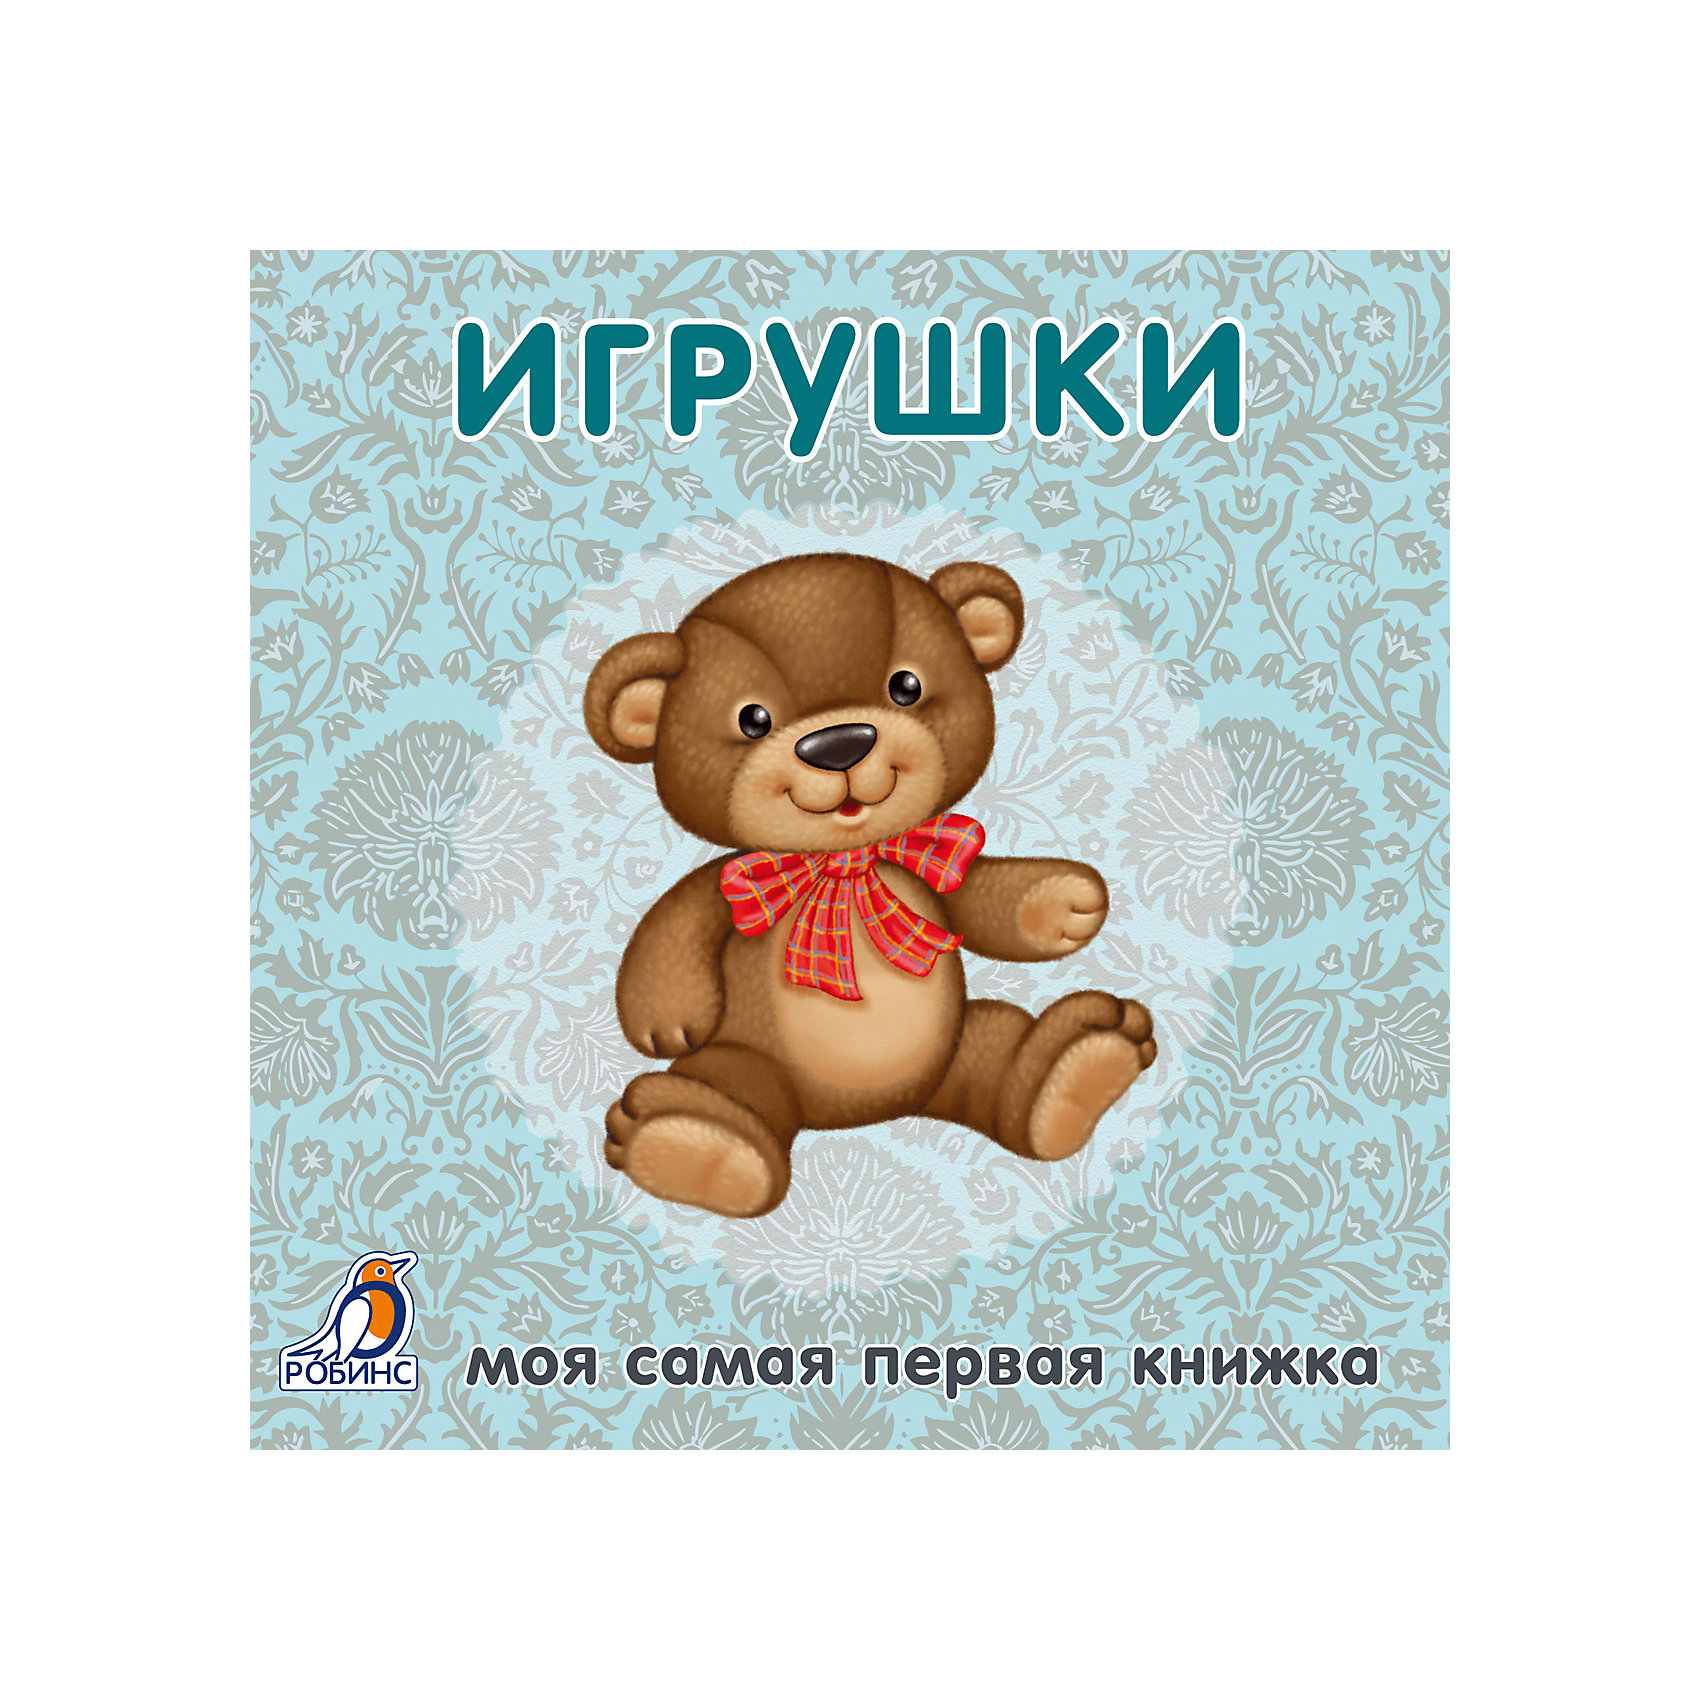 Первая книга малыша ИгрушкиТворчество для малышей<br>Первая книга малыша Игрушки - это прекрасно проиллюстрированная книжка с плотными страницами, для самых маленьких детей.<br>Первая книга малыша Игрушки- настоящая находка для любопытного и любознательного ребенка. На каждой страничке книжки ваш малыш найдет яркие картинки и познакомится с игрушками и их разнообразием. С книжкой малыш весело проведет время и пополнит свой словарный запас и кругозор, повысит эмоциональную активность. Странички книжки сделаны из очень плотного материала. На каждой странице большие яркие картинки, которые развивают вкус и эстетическое восприятие ребенка.<br><br>Дополнительная информация:<br><br>- Книга предназначена для детей от 1 года<br>- Редактор: Гагарина М. <br>- Художник-иллюстратор: Митченко Юлия<br>- Издательство: Робинс<br>- Картонная обложка, картонные страницы<br>- Страниц: 12<br>- Иллюстрации: цветные<br>- Размер: 140 x 140 x 15 мм.<br>- Вес: 188 гр.<br><br>Первую книгу малыша Игрушки можно купить в нашем интернет-магазине.<br><br>Ширина мм: 140<br>Глубина мм: 140<br>Высота мм: 15<br>Вес г: 188<br>Возраст от месяцев: 0<br>Возраст до месяцев: 36<br>Пол: Унисекс<br>Возраст: Детский<br>SKU: 4236110